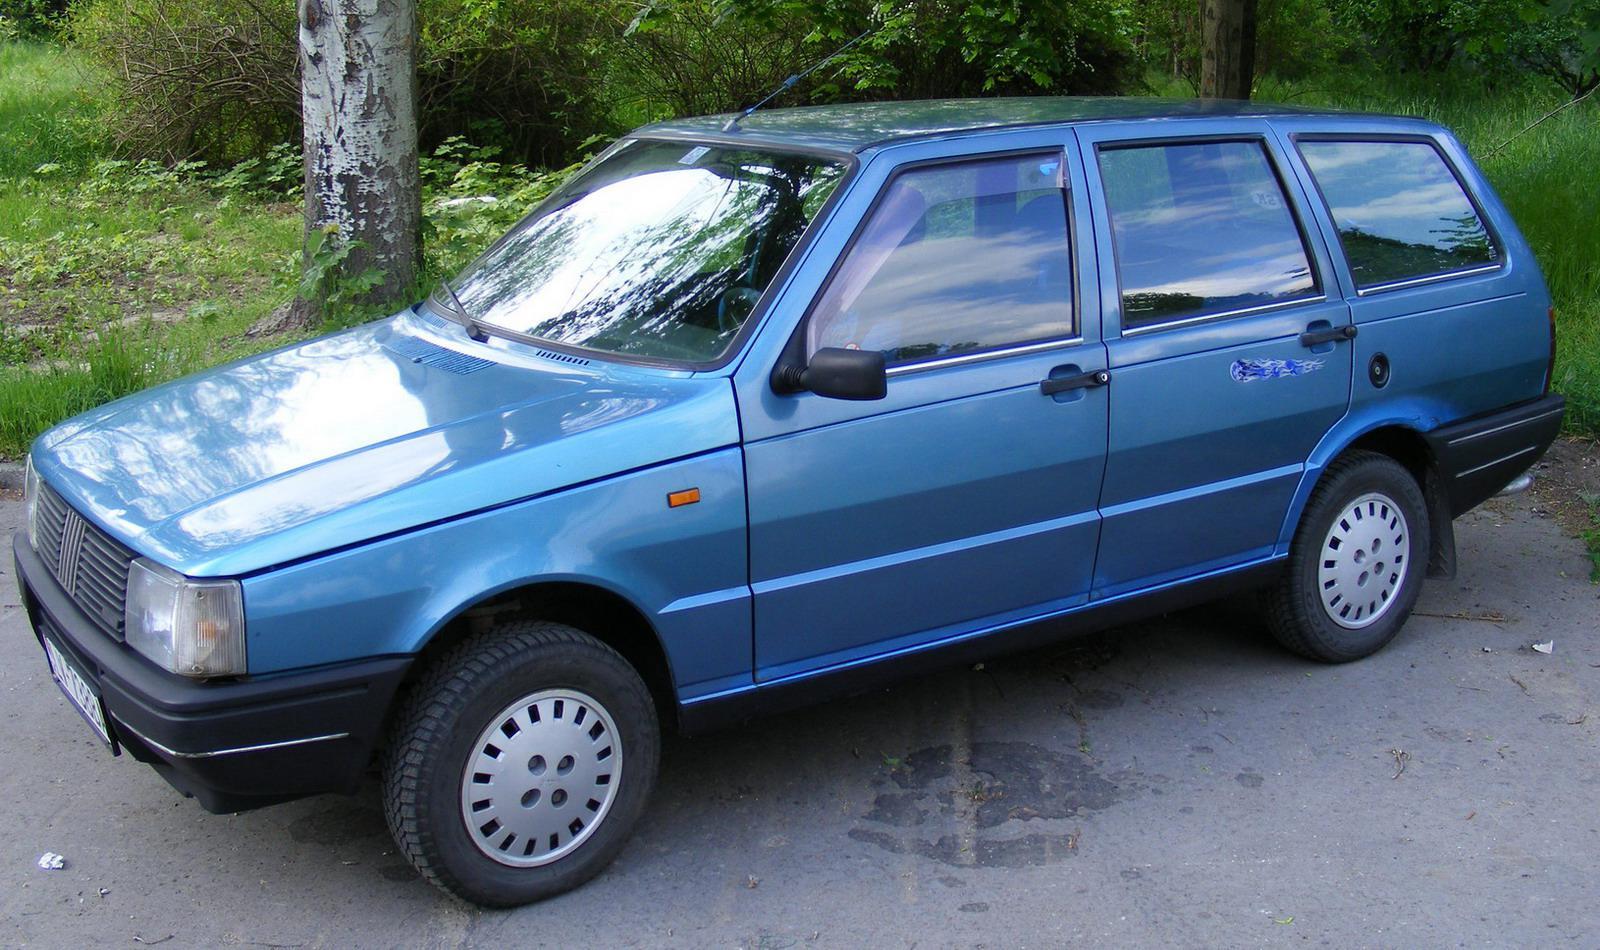 1987 Fiat Duna 1 7 104 Cui Diesel 44 Kw 68 Nm